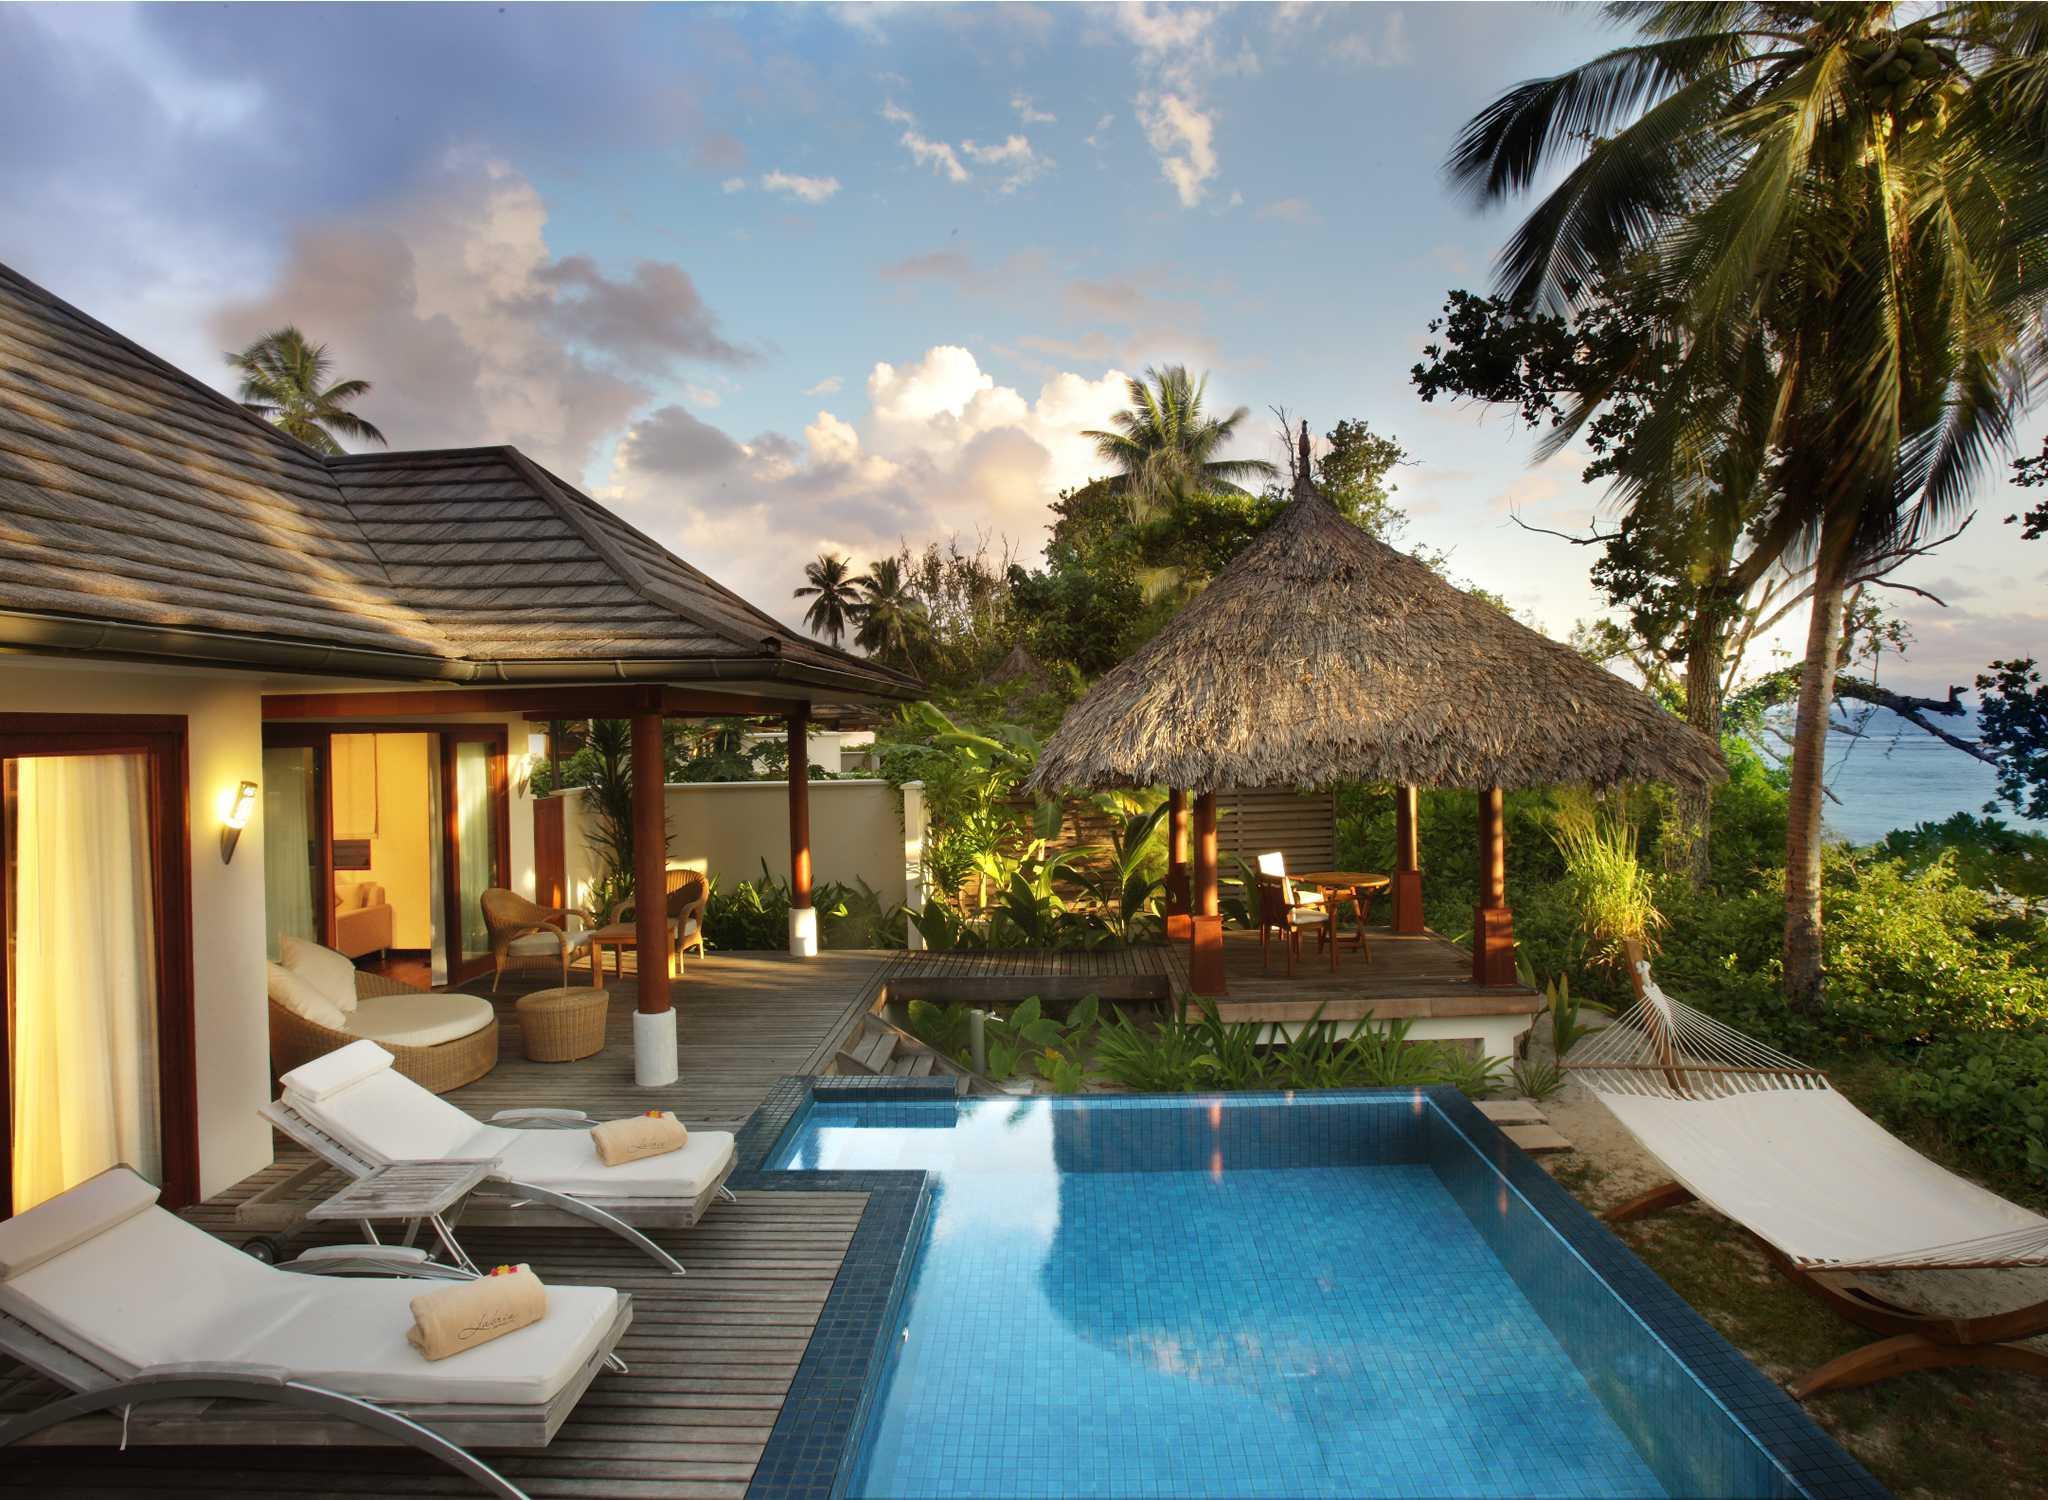 hilton hotels resorts seychelles. Black Bedroom Furniture Sets. Home Design Ideas